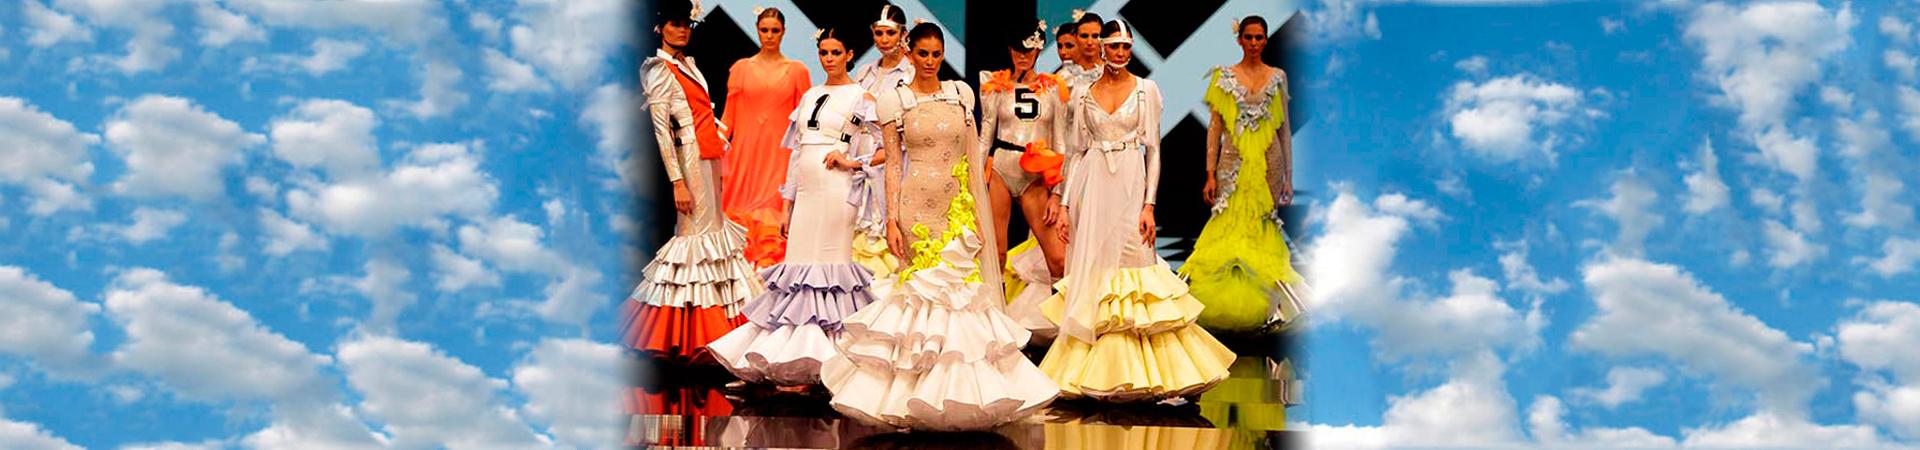 trajes de flamenca en dos hermanas